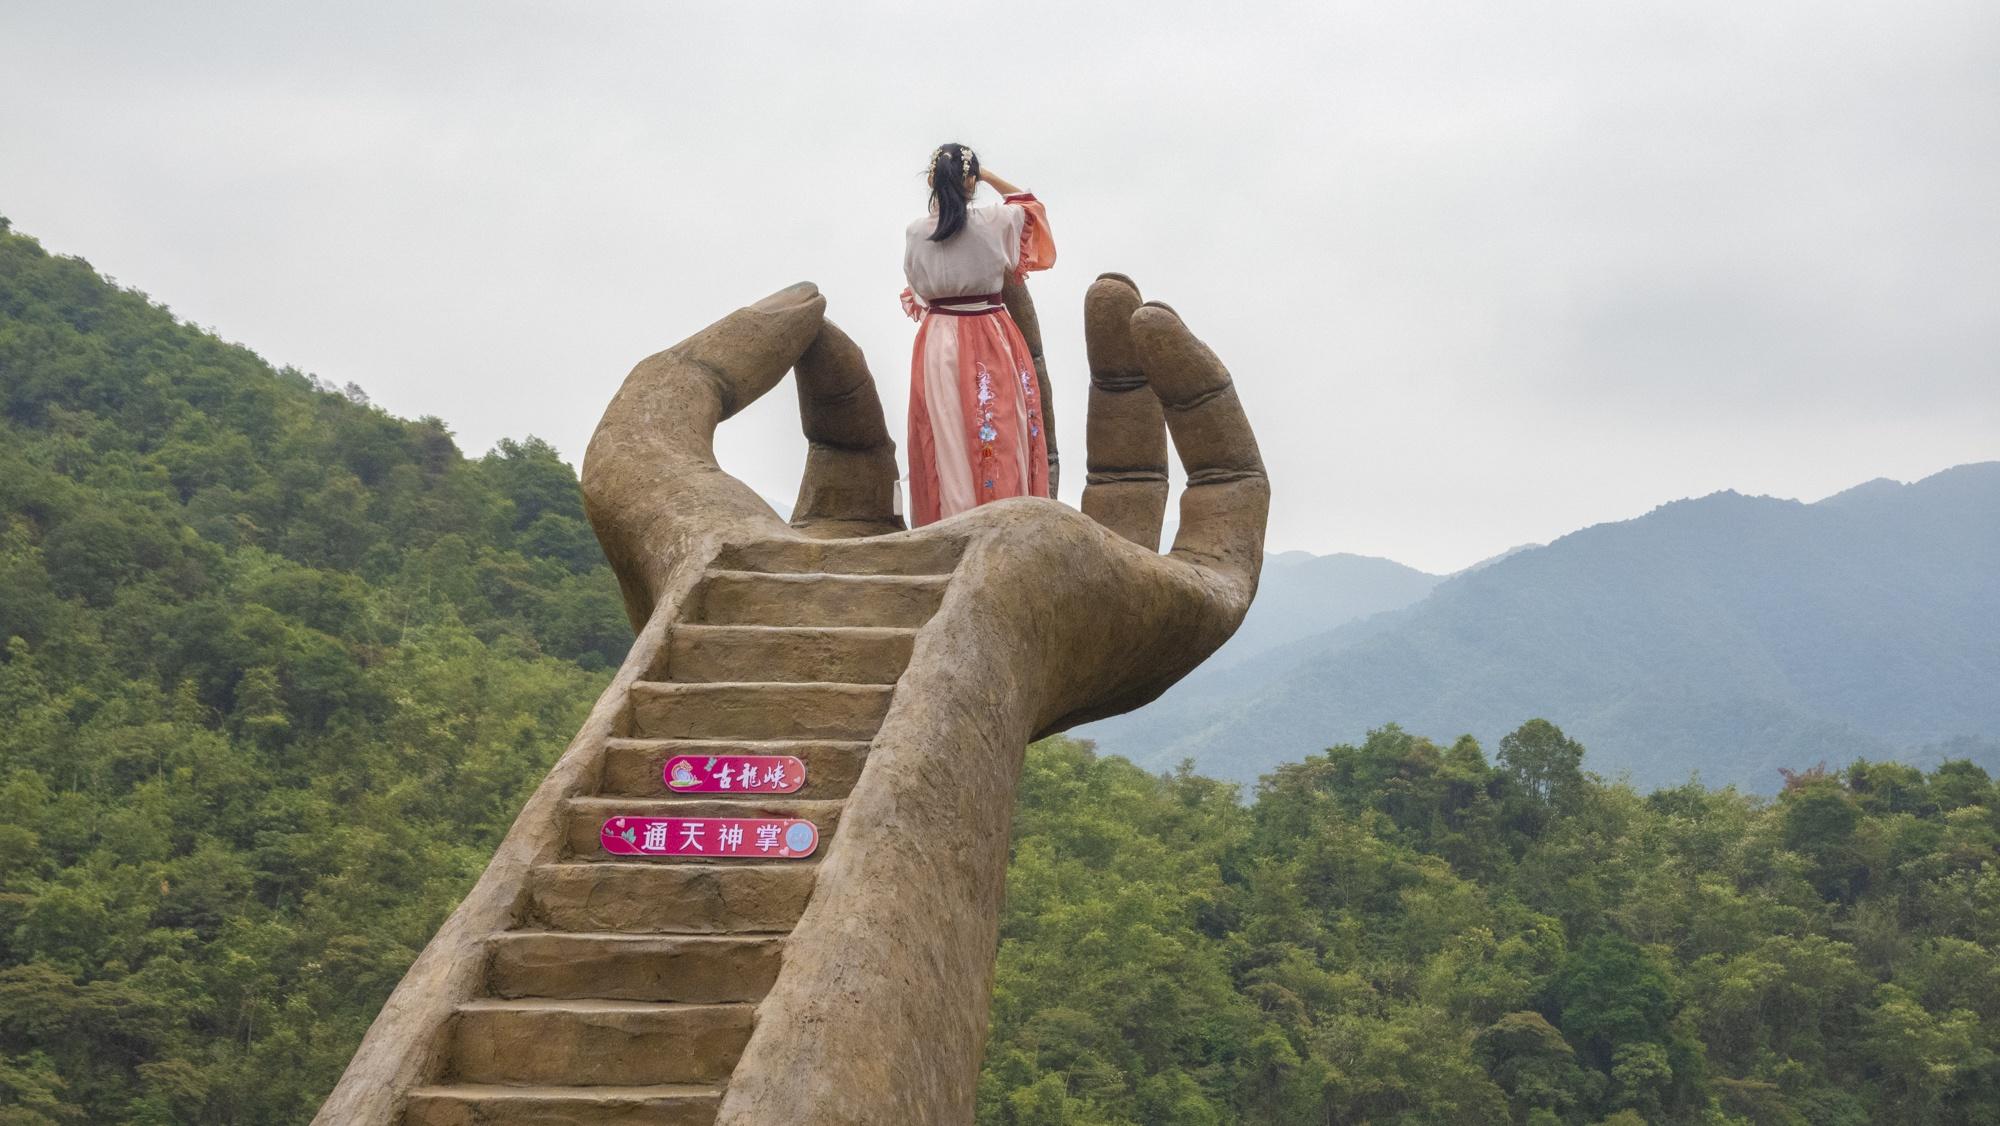 广东周边超震撼打卡地,佛手、天梯、玻霸,古龙峡这么玩太刺激了